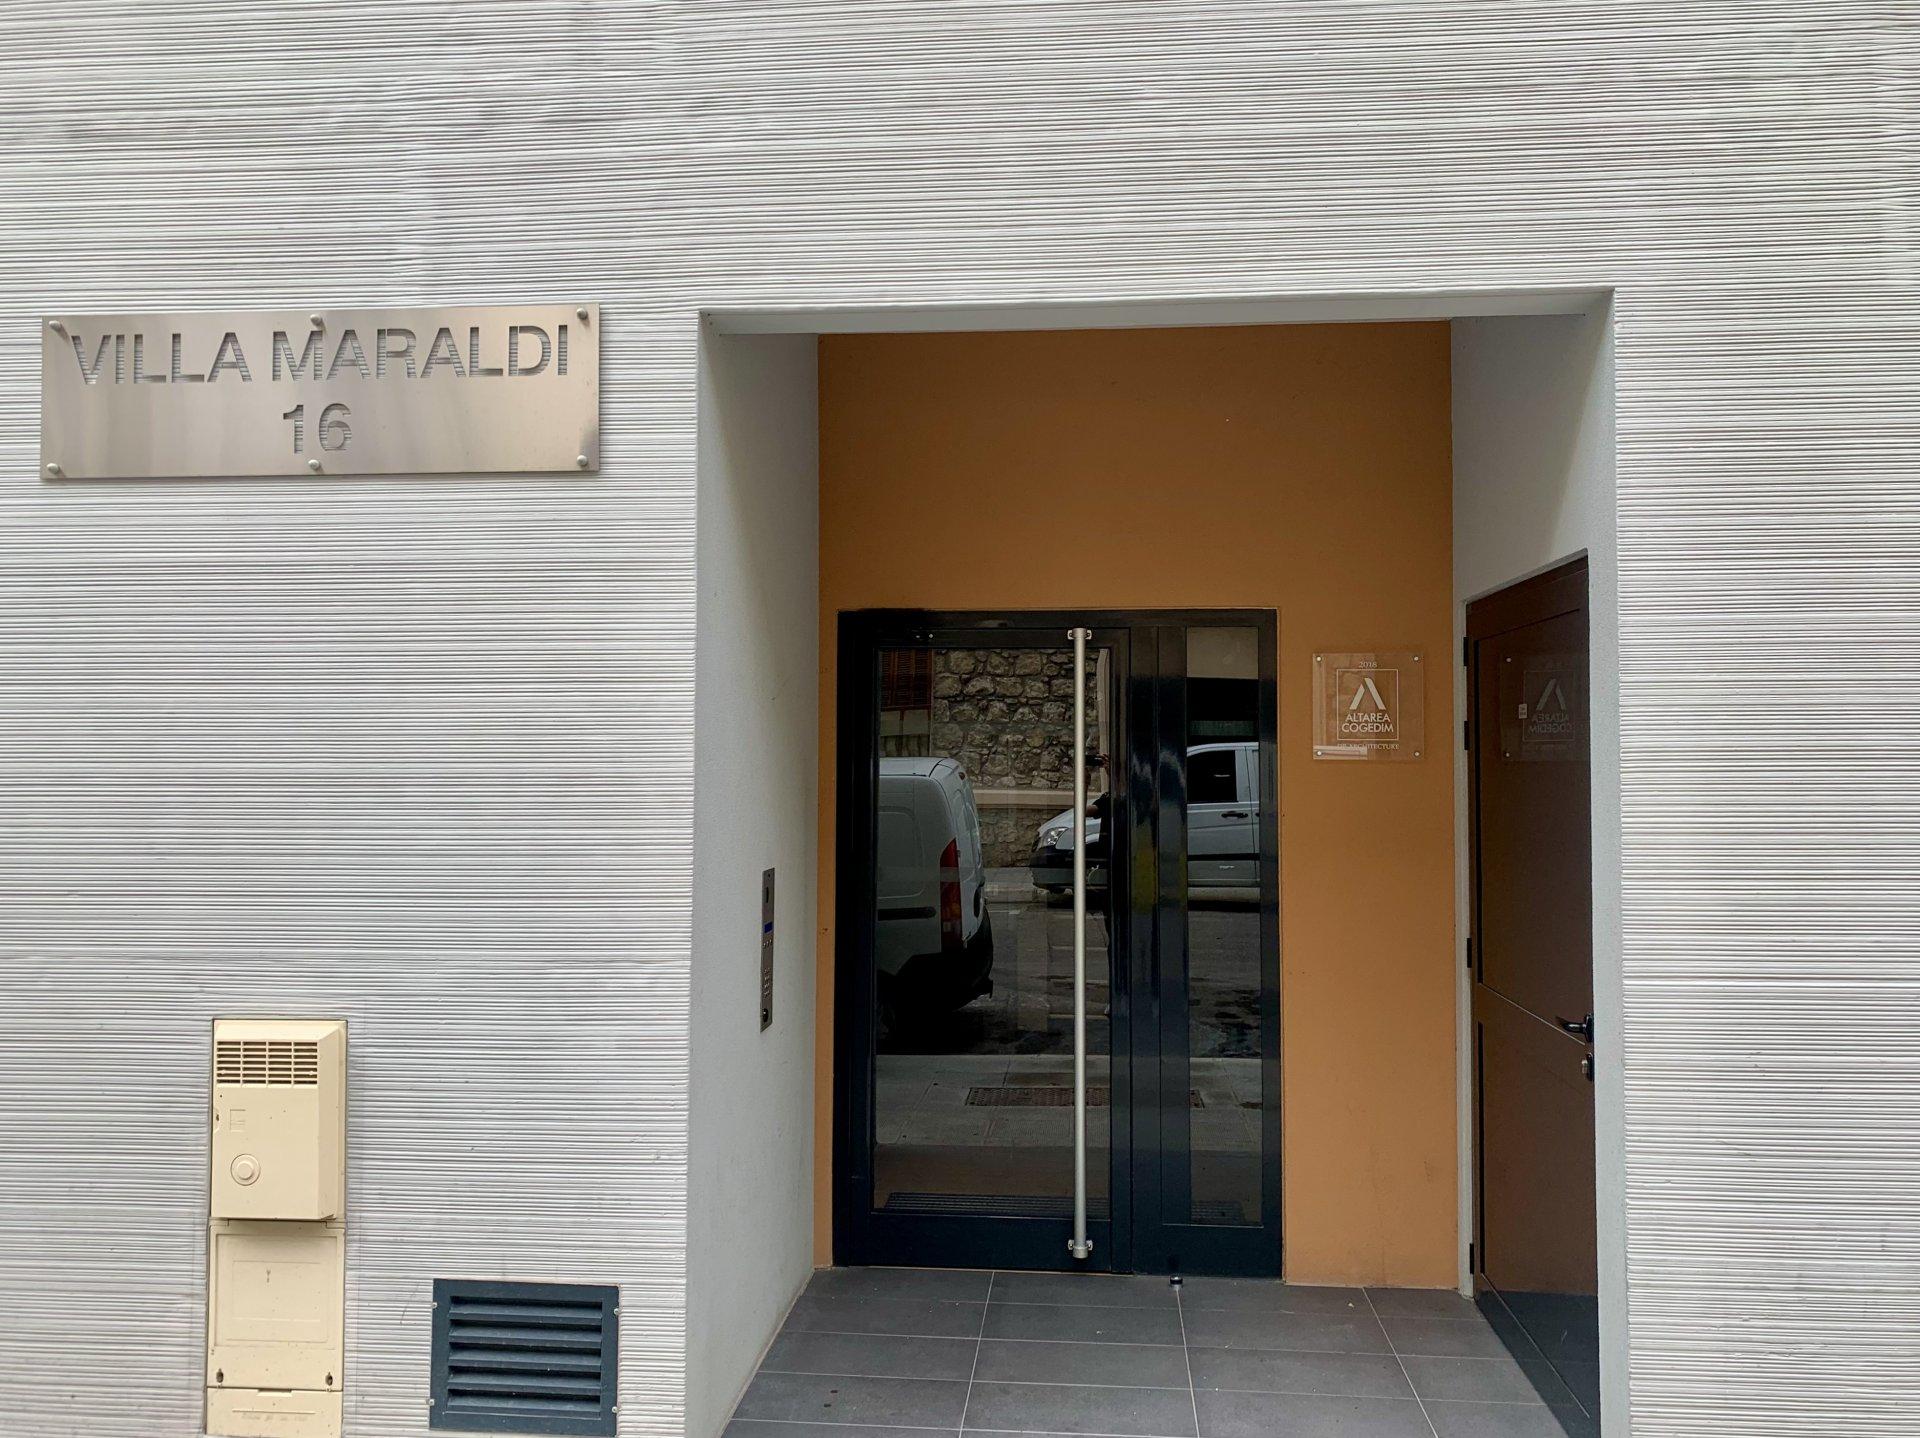 SPACIEUX STUDIO - ÉTAT PARFAIT - QUARTIER RÉPUBLIQUE